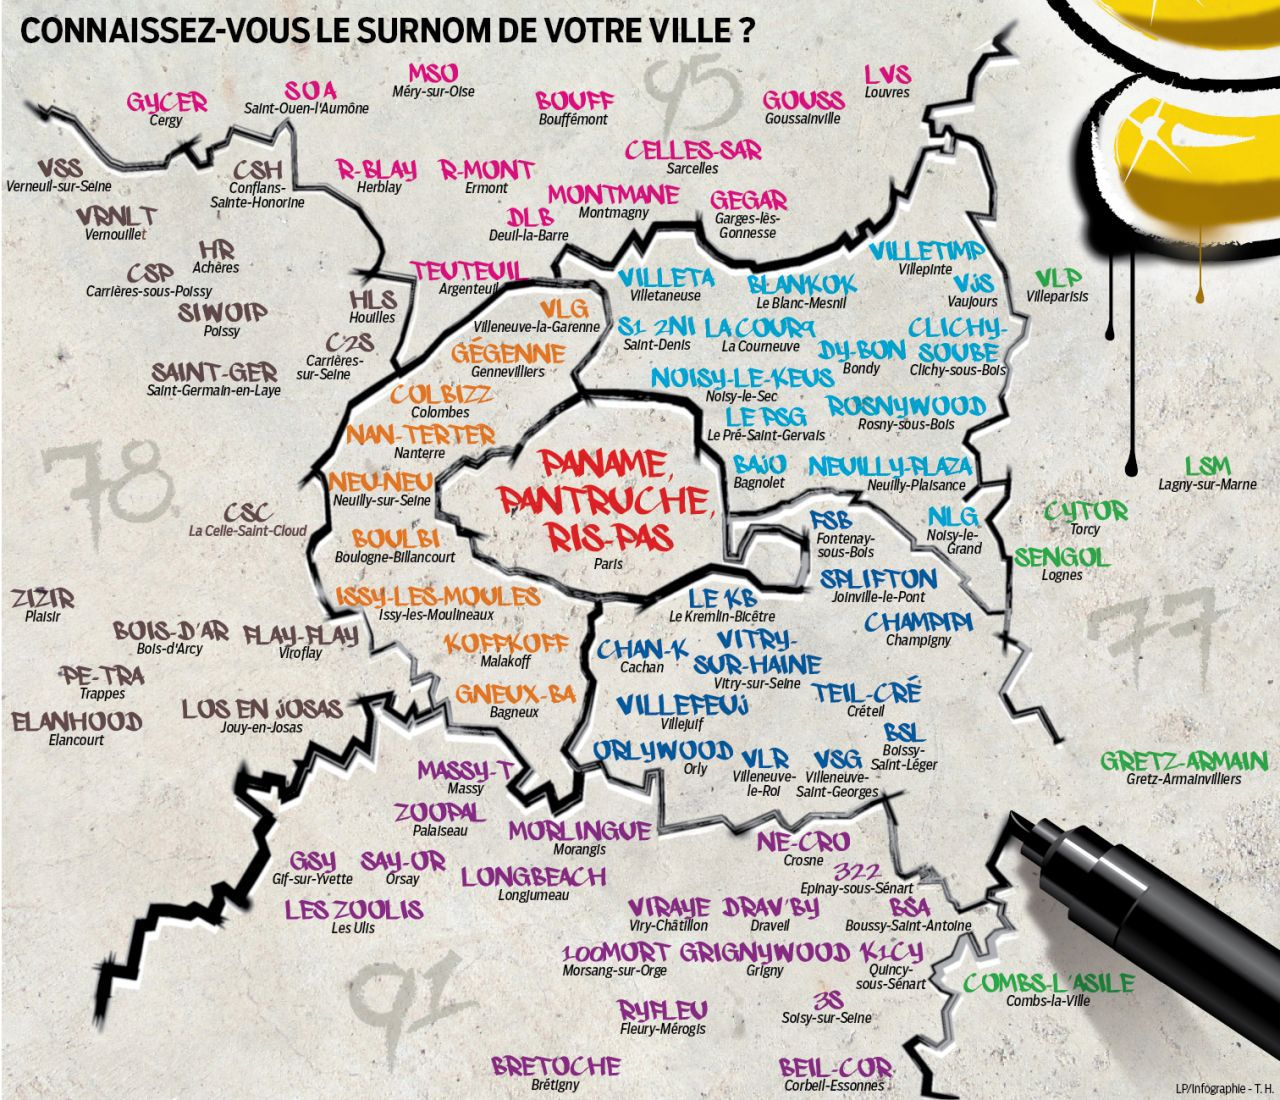 Interactif. Ile-De-France : Votre Bled, C'est Quoi Son Blaze avec Jeux Des Villes De France